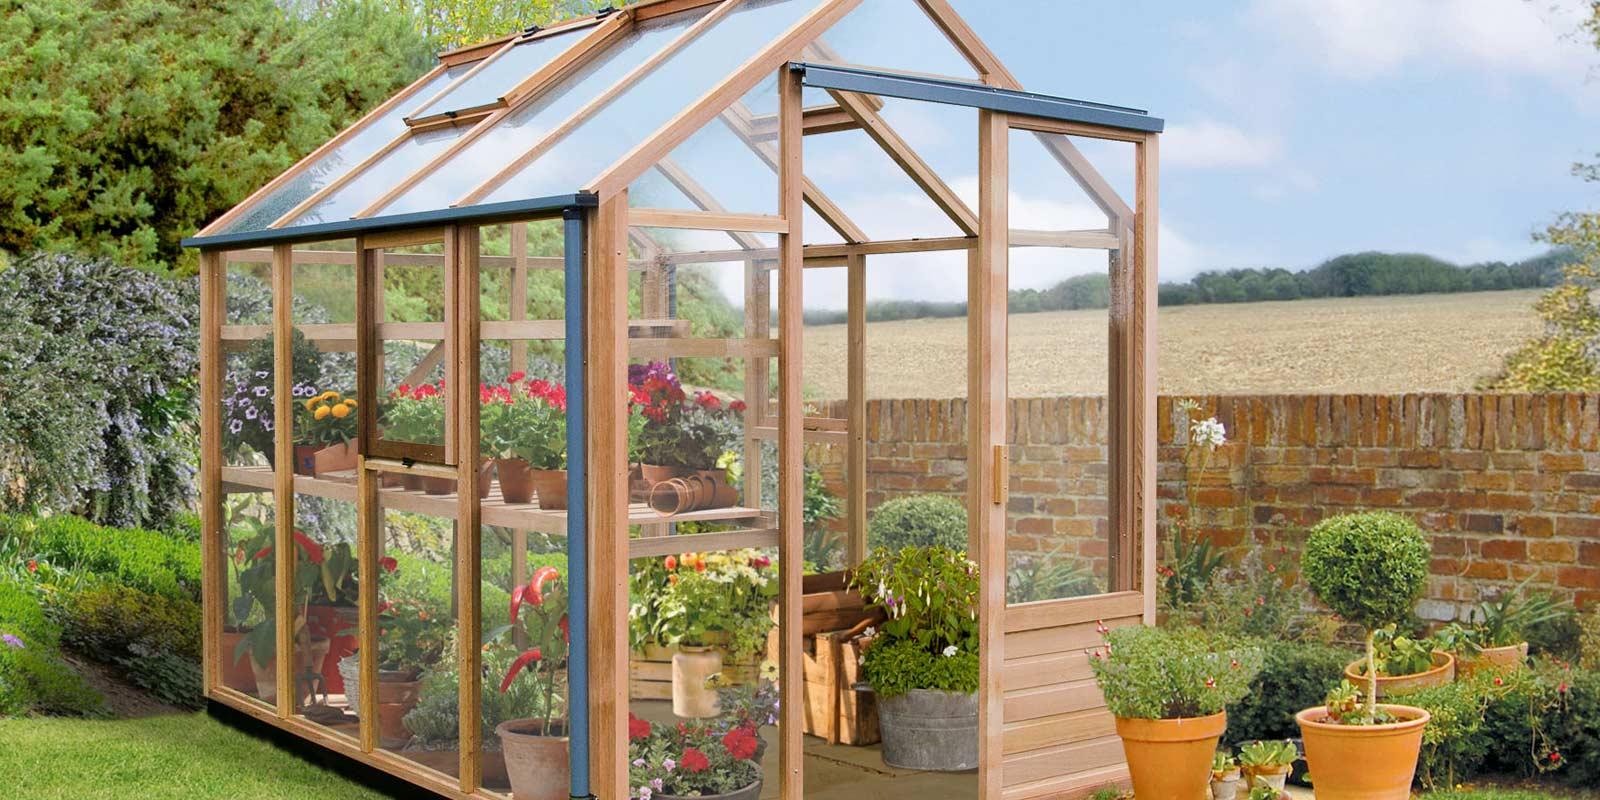 dehner ihr online shop f r garten pflanzen balkon tiere dehner. Black Bedroom Furniture Sets. Home Design Ideas